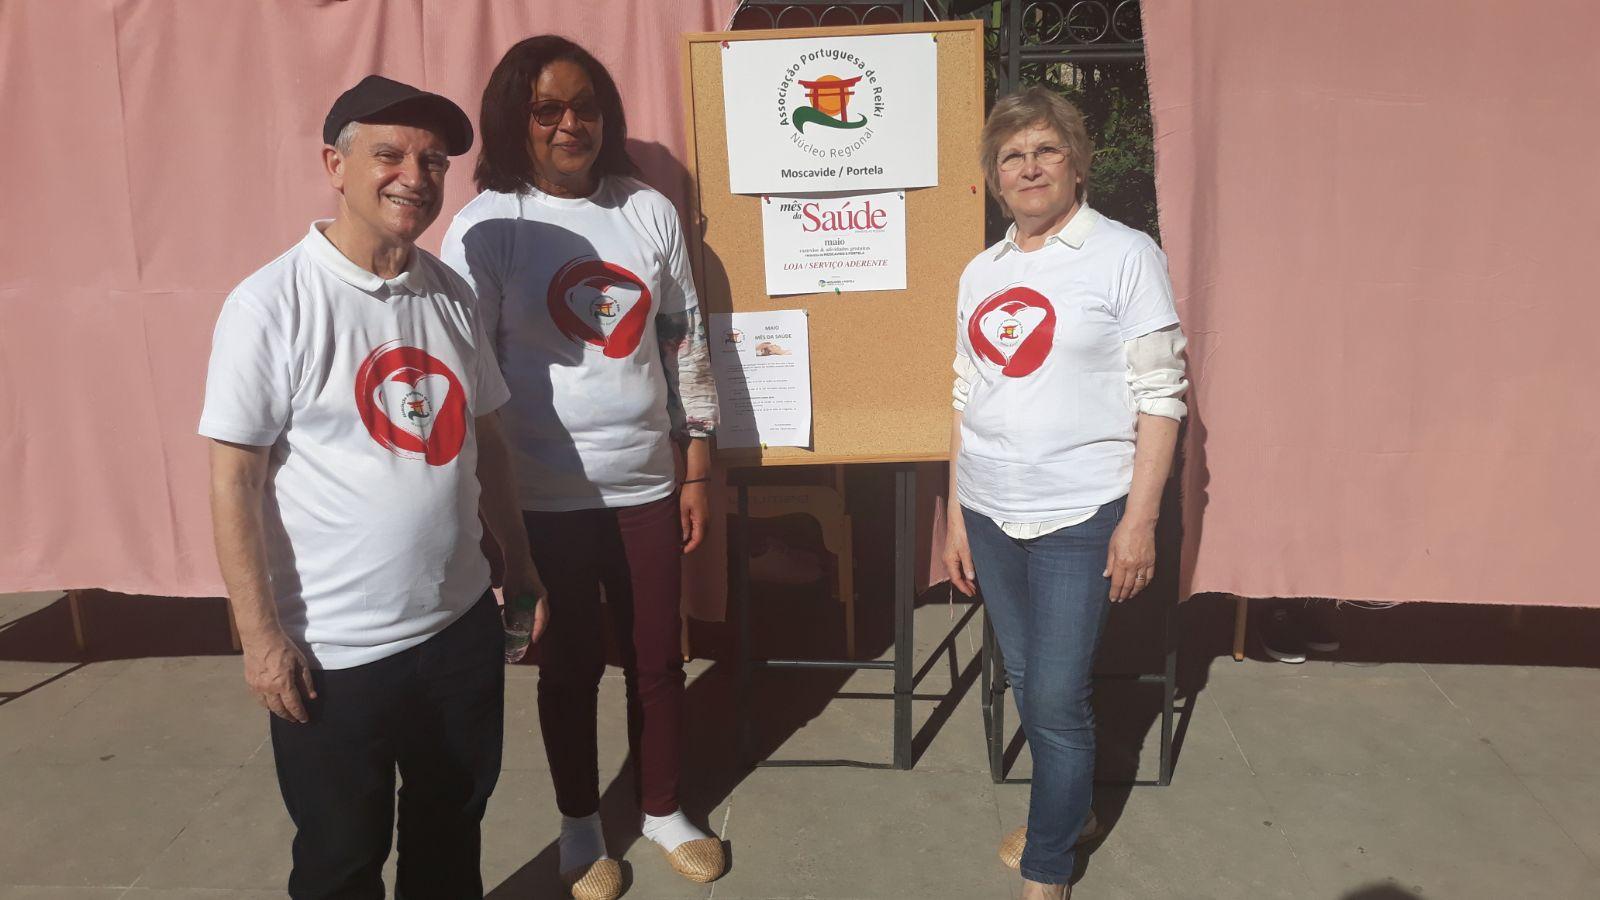 O Reiki no mês da Saúde na freguesia Moscavide e Portela